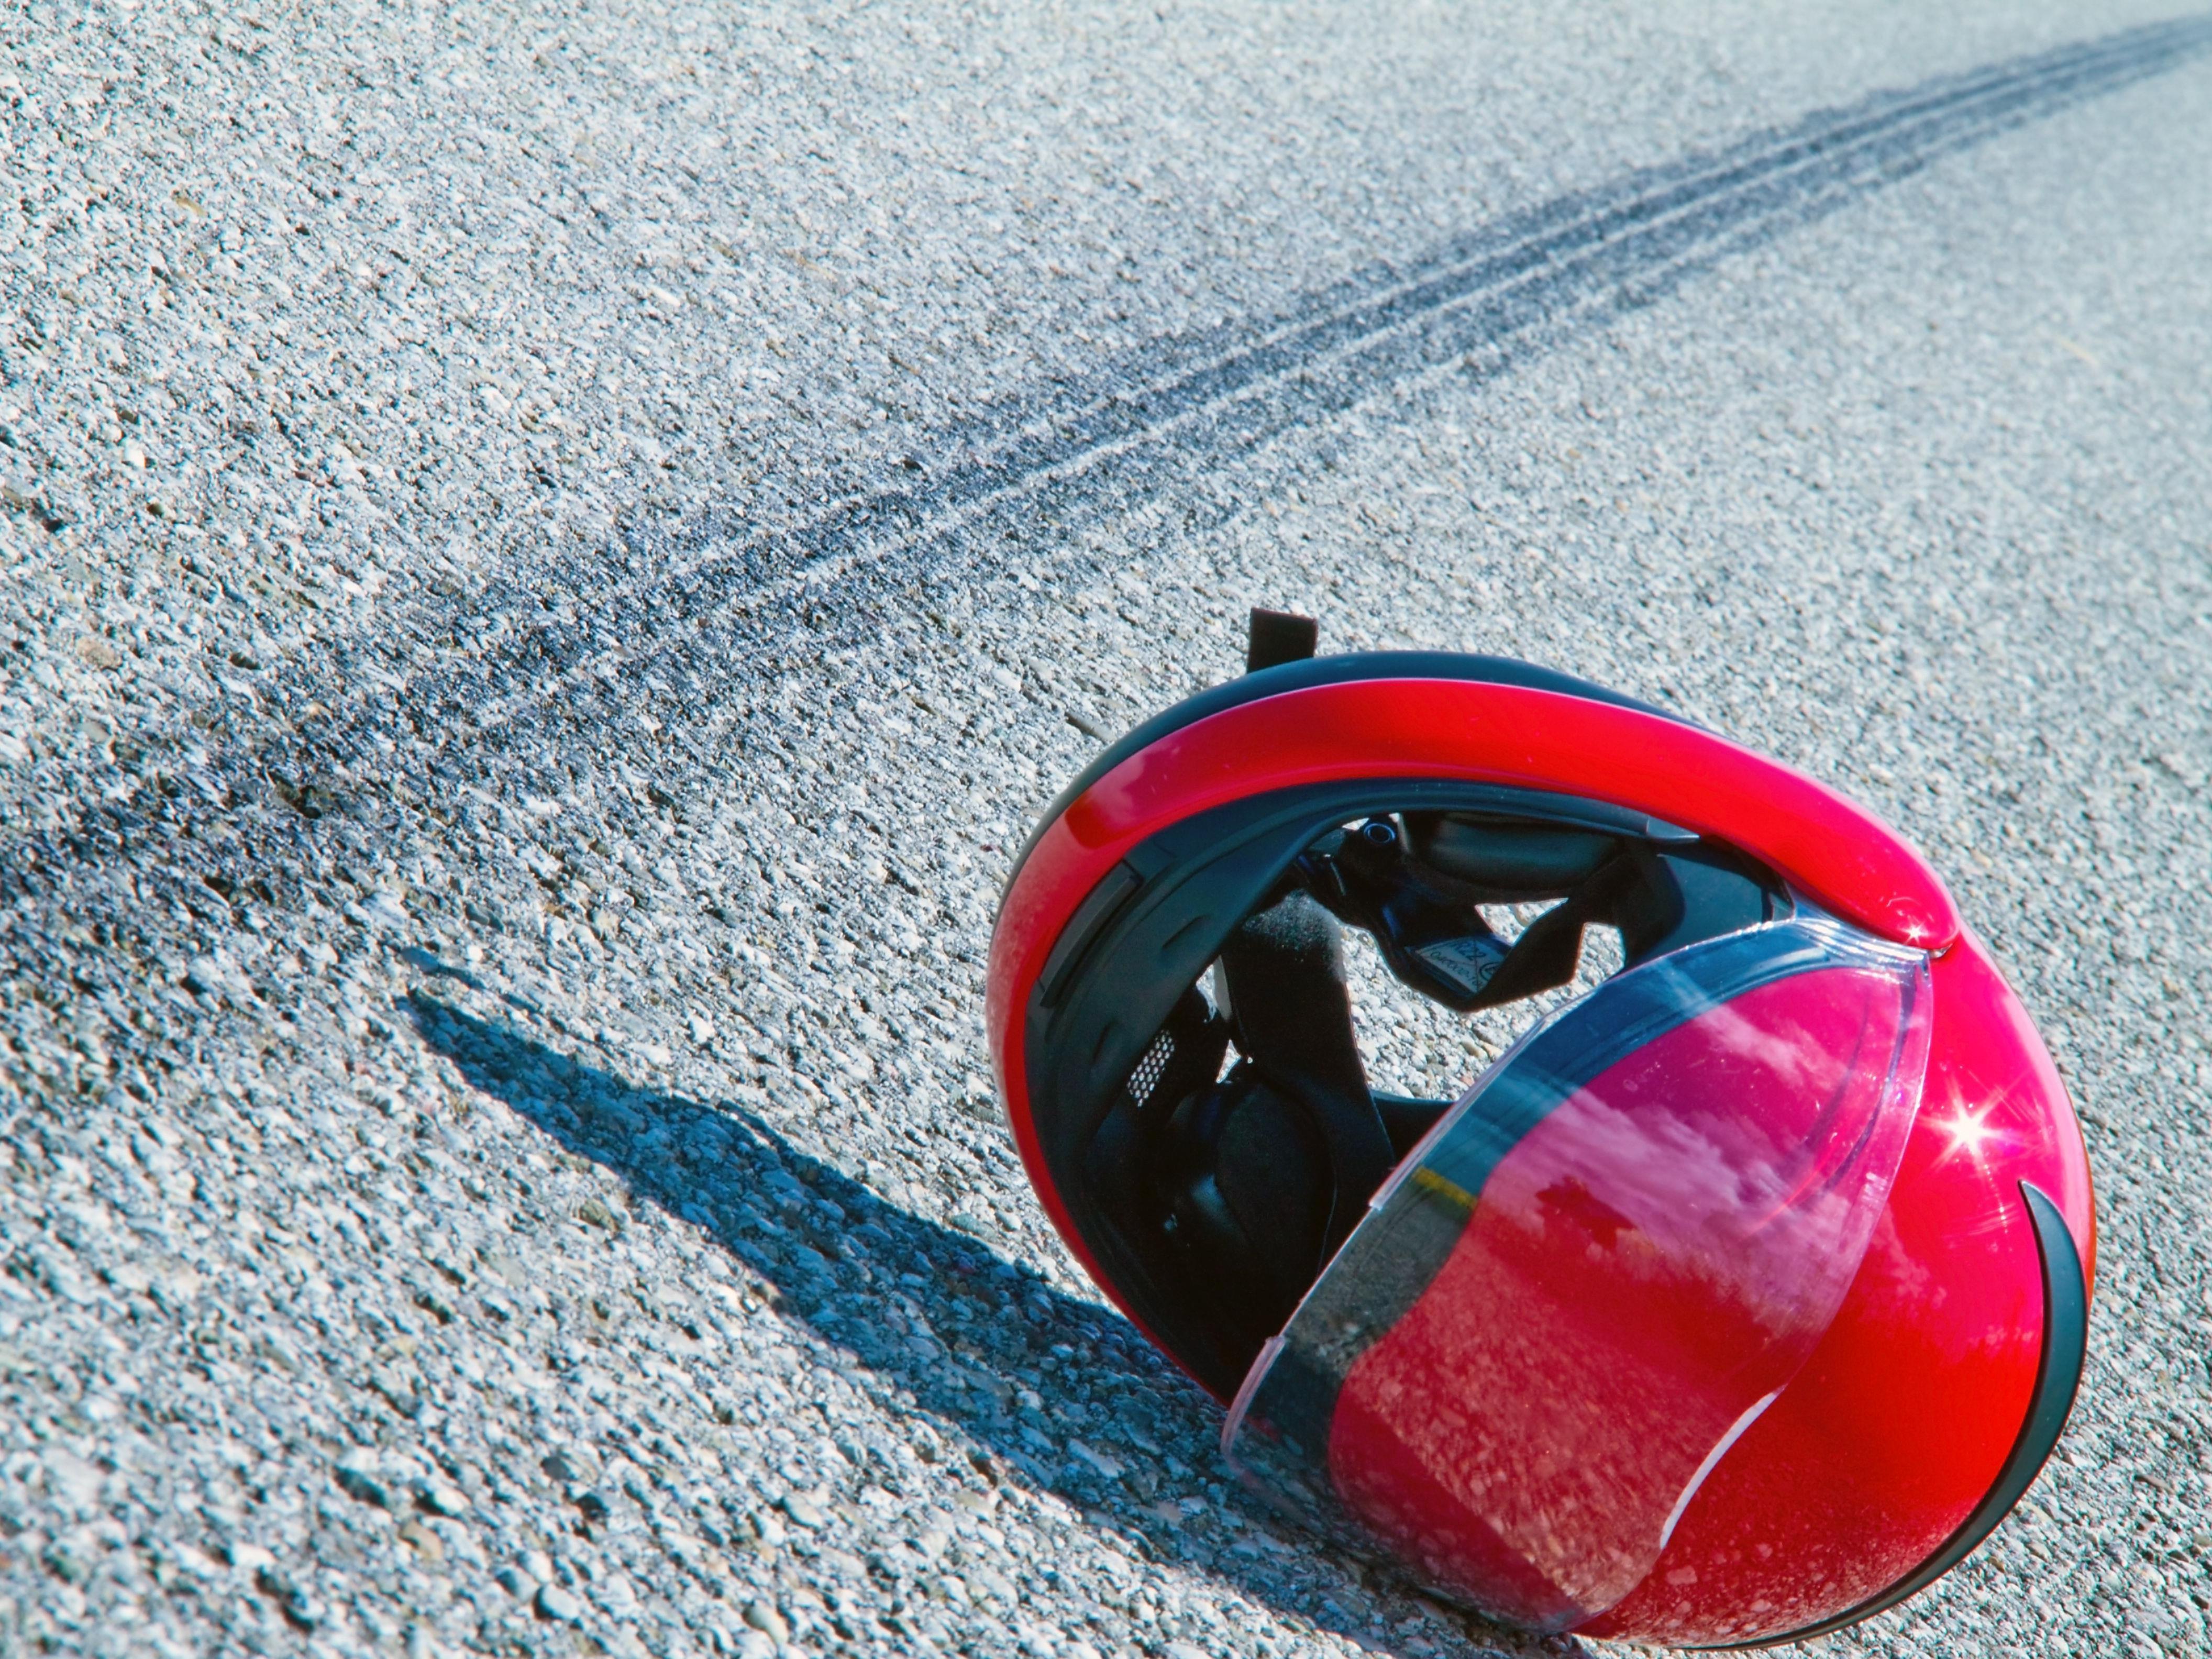 Mopedfahrer bei Kollision mit Pkw verletzt.